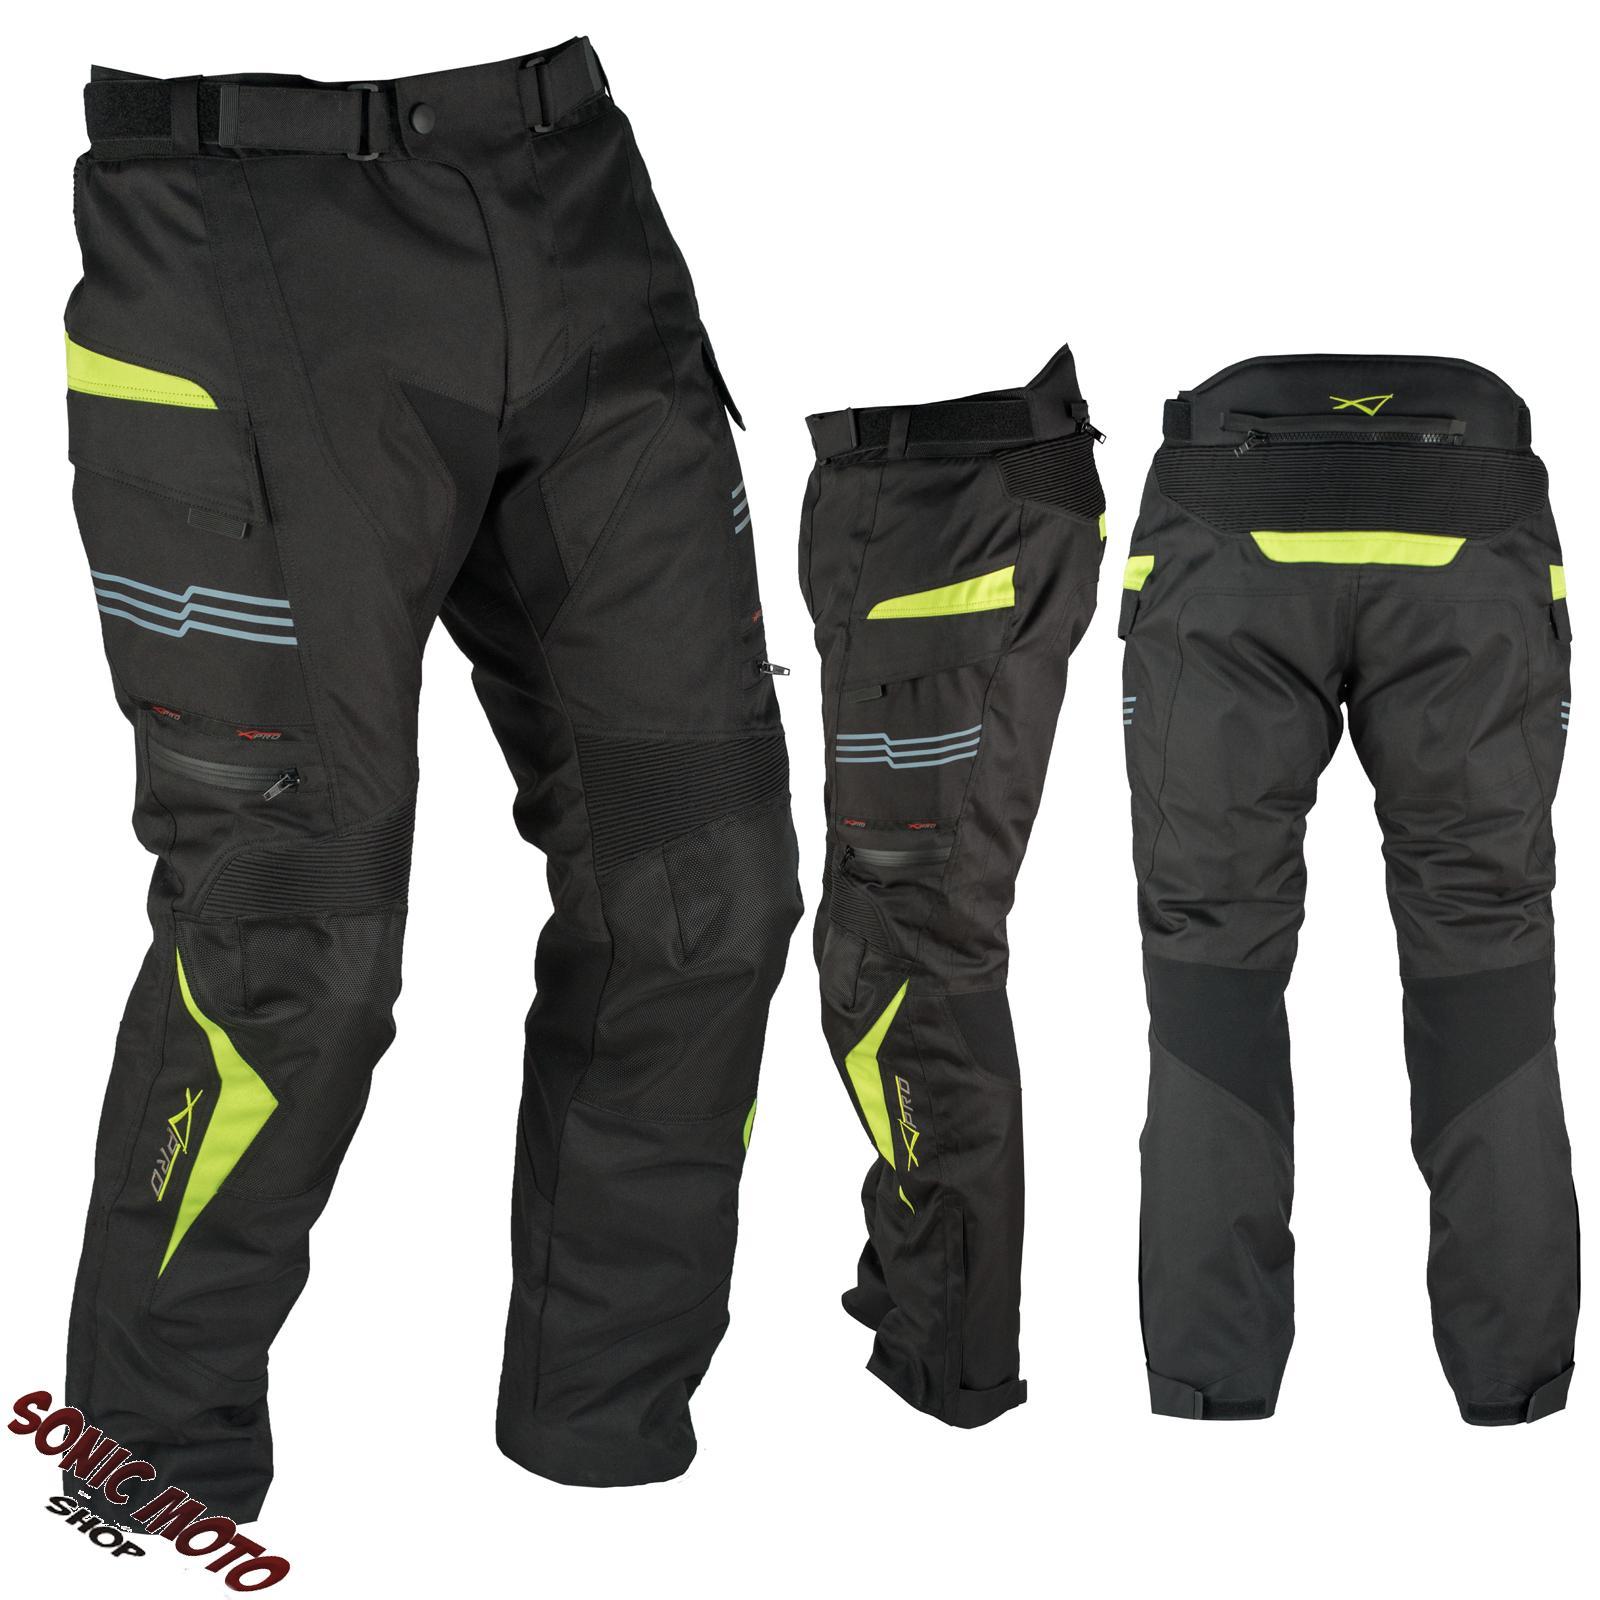 Pantaloni-Impermeabile-Moto-Termica-Estraibile-Strisce-Riflettenti